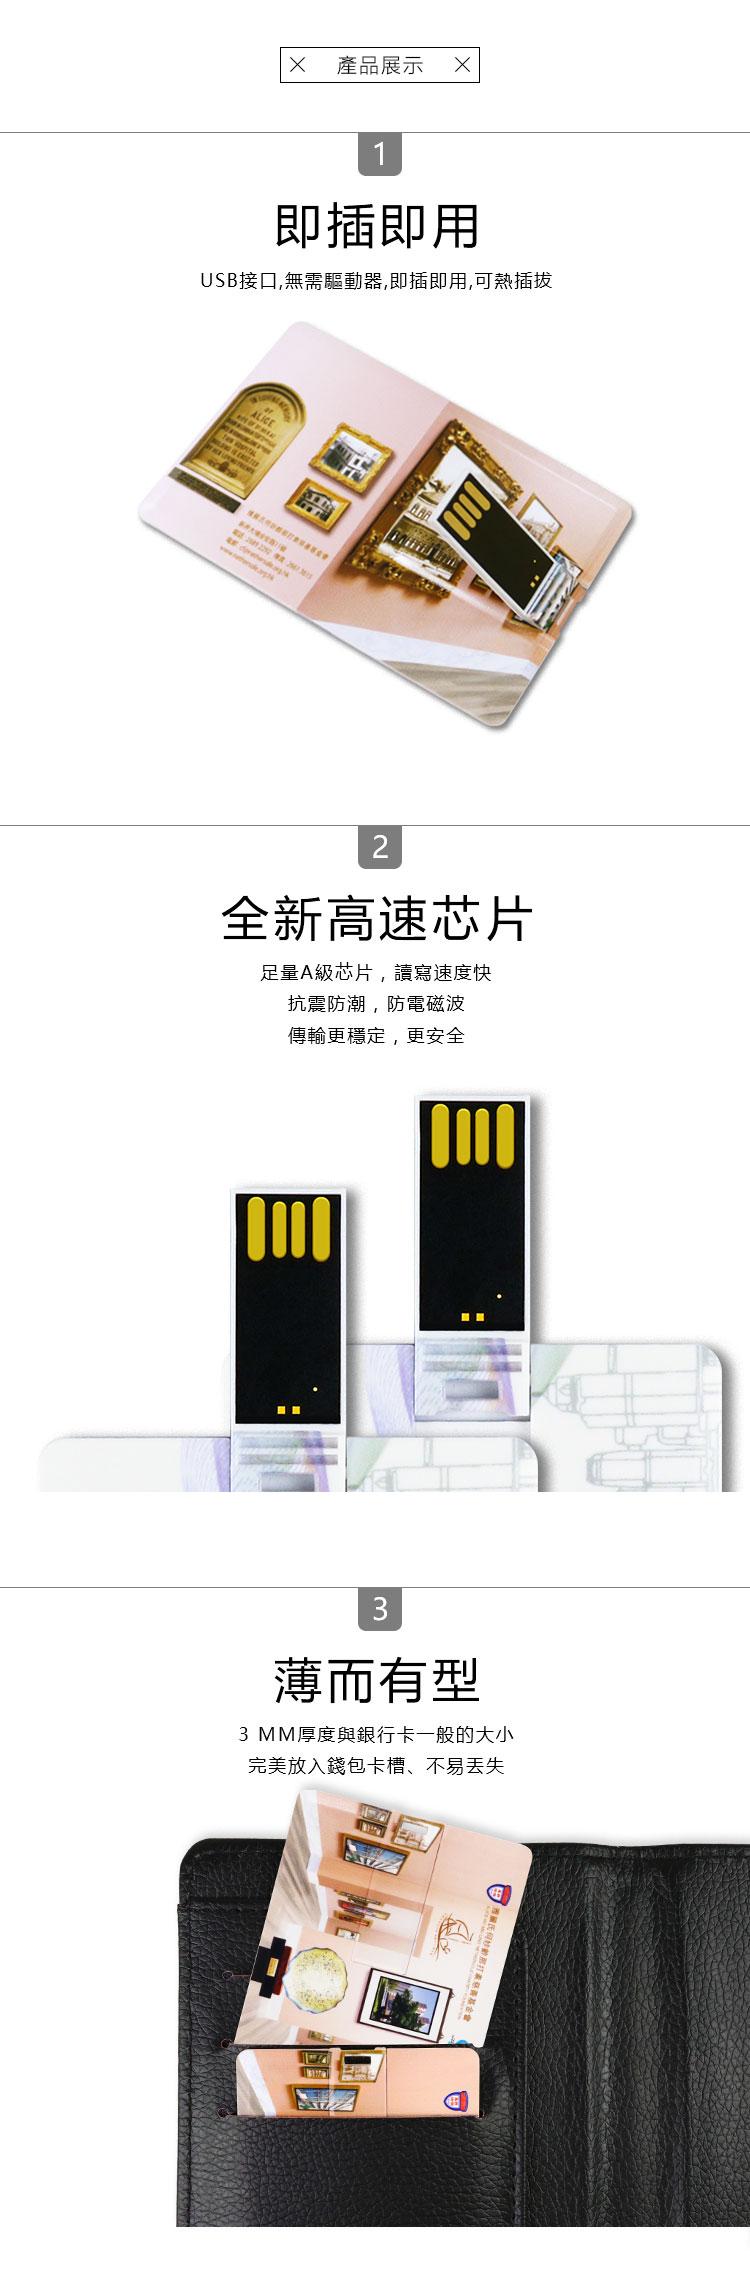 優質芯片高速傳輸方便儲存